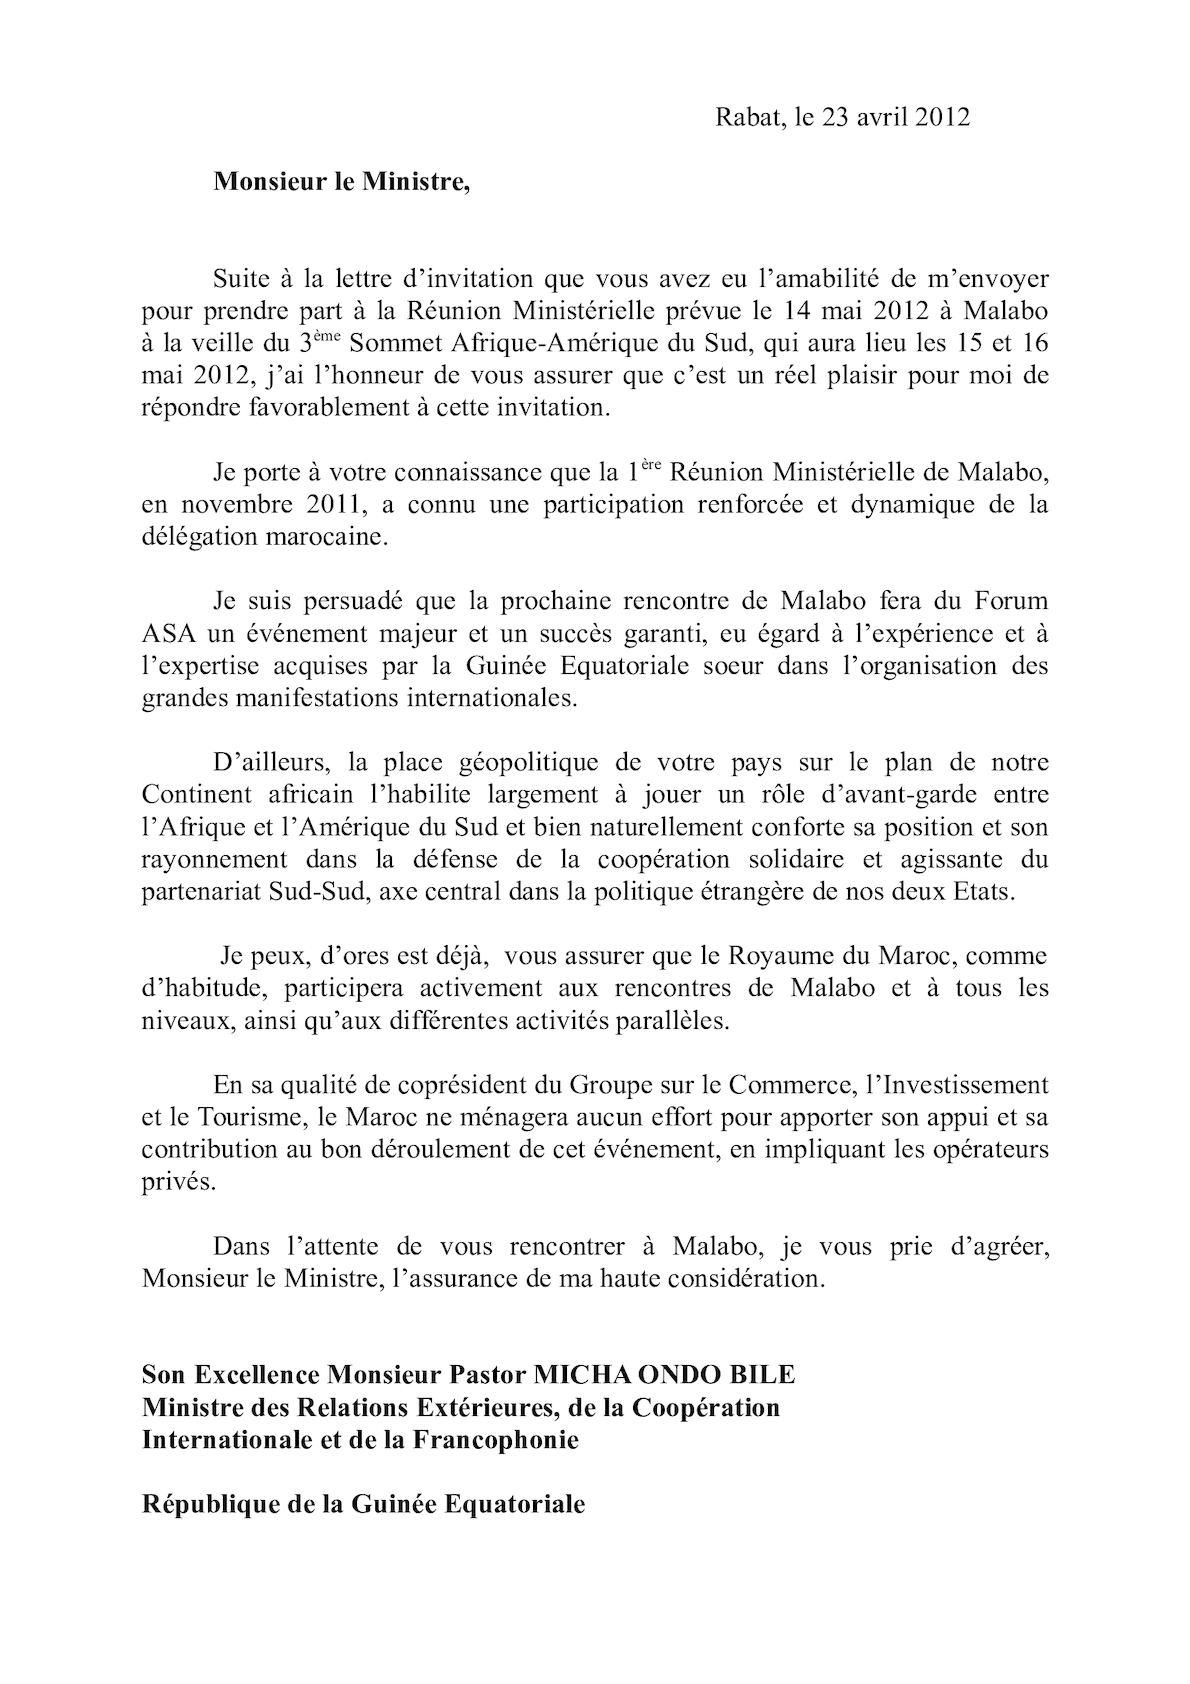 Lettre De Monsieur Le Ministre